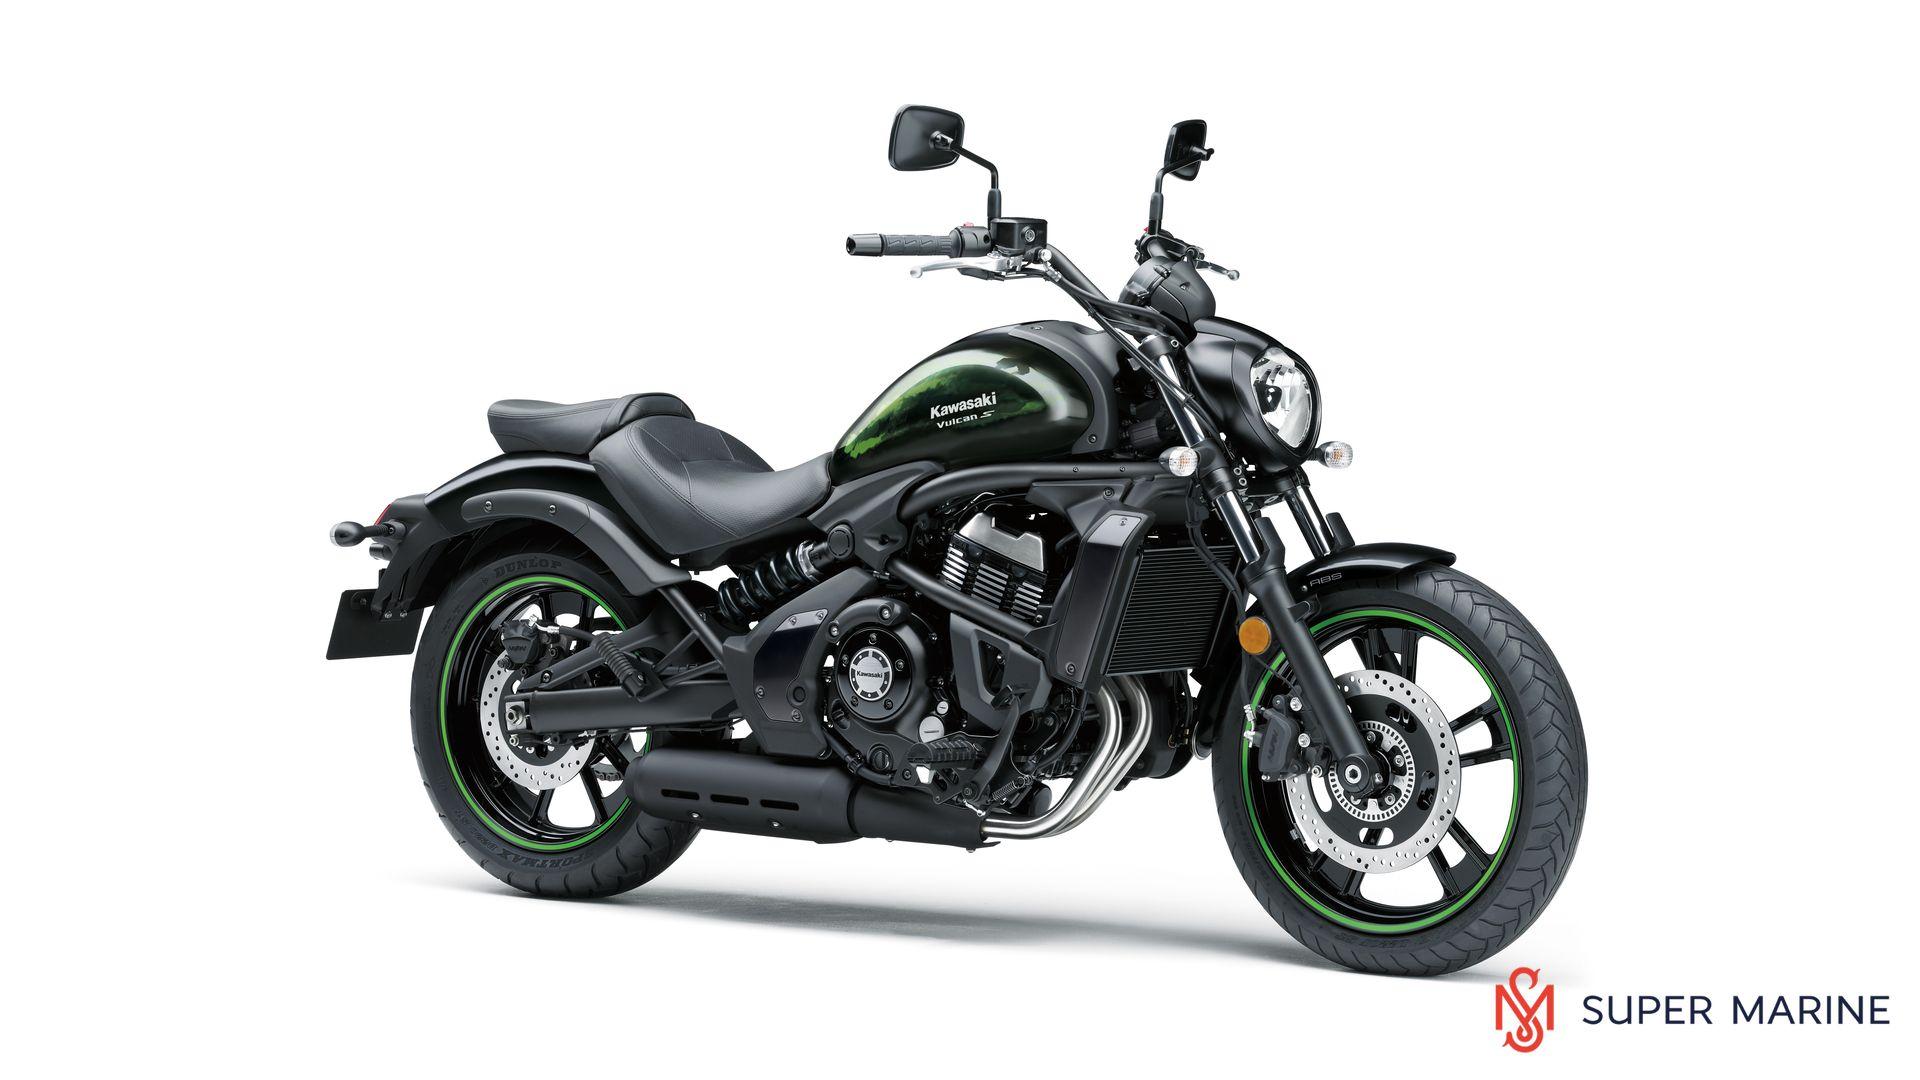 Мотоцикл Kawasaki Vulcan S ABS Черно-Зеленый 2020 - 1